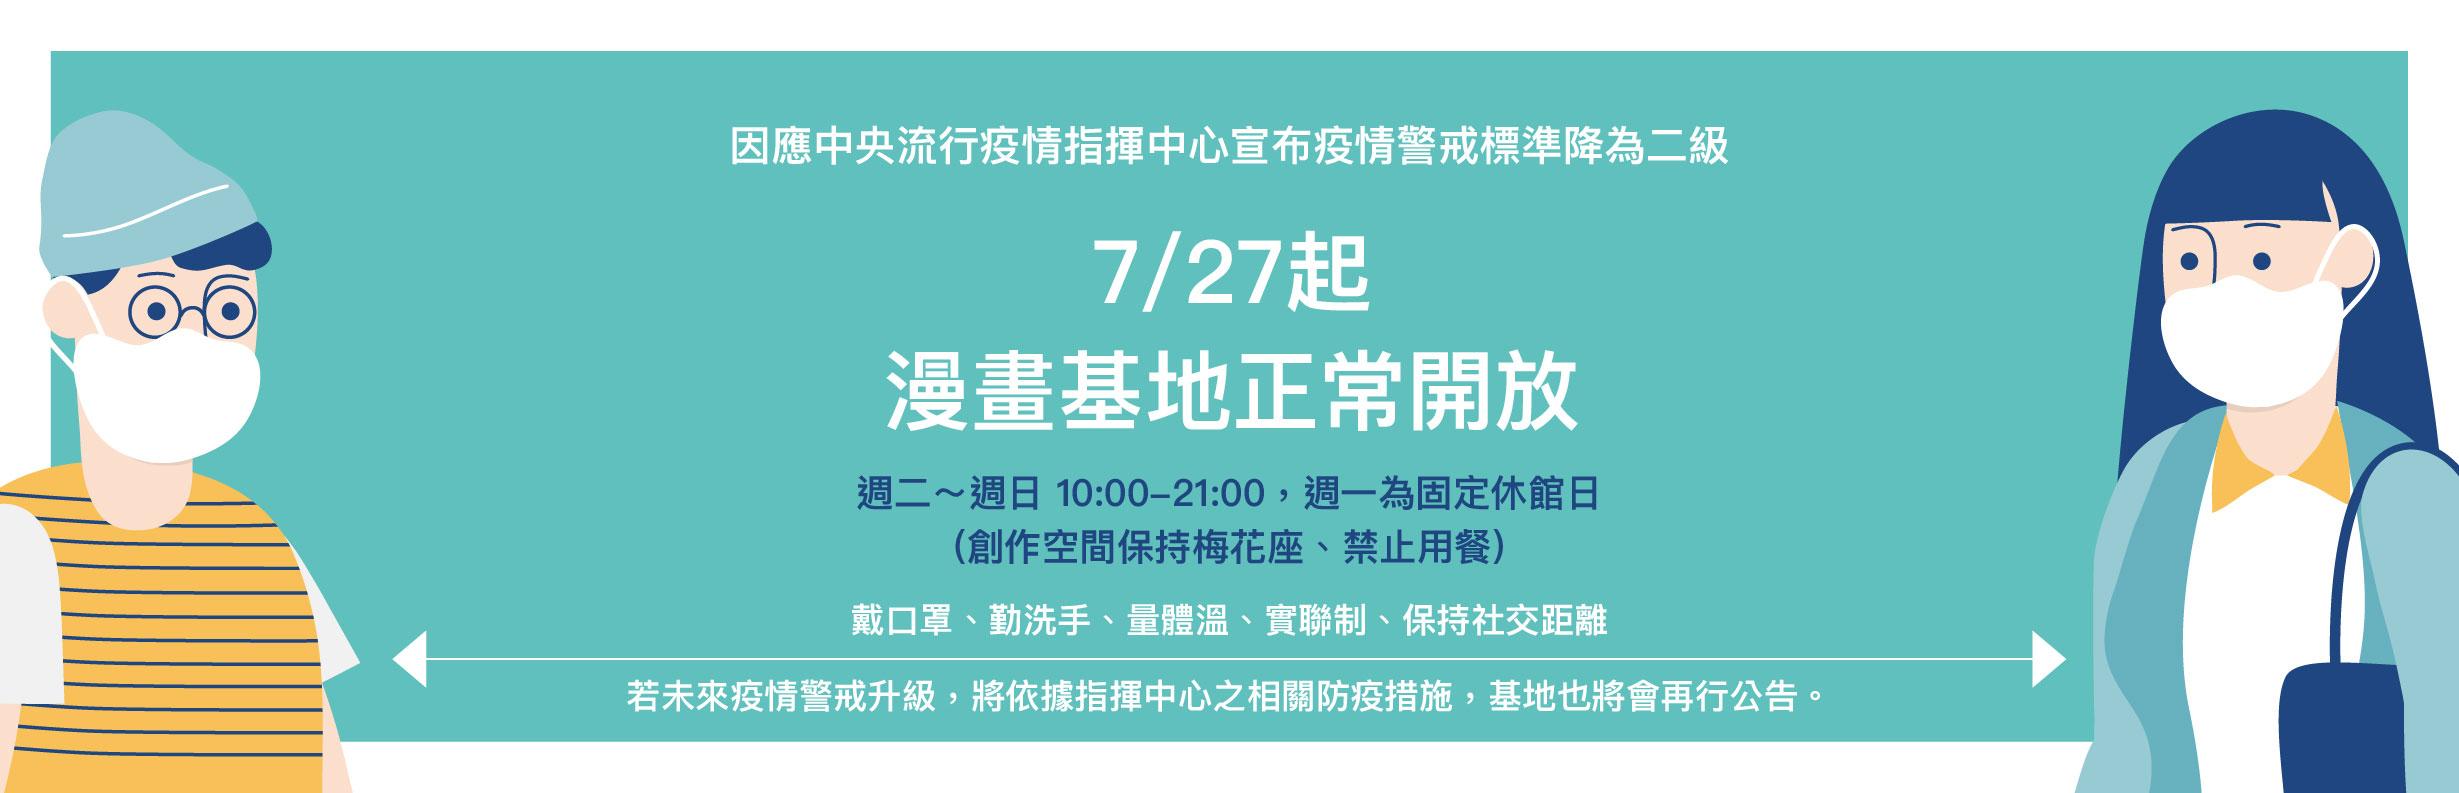 因應中央流行疫情指揮中心宣布疫情警戒標準降為二級,臺灣漫畫基地7/27起將正常開放